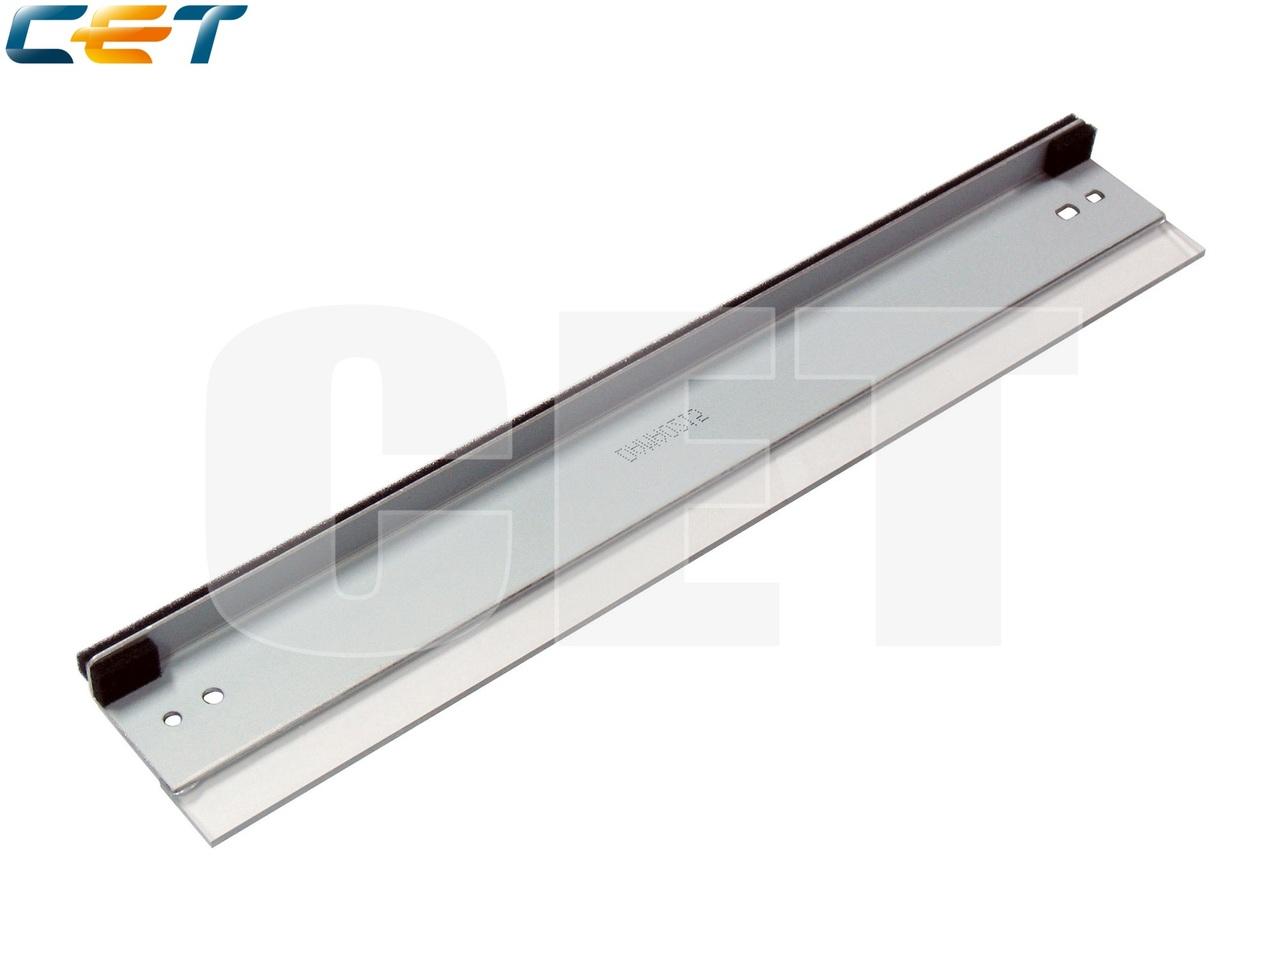 Ракель для KYOCERA FS-1000/1010/1018/1020/1030D (CET),CET2806